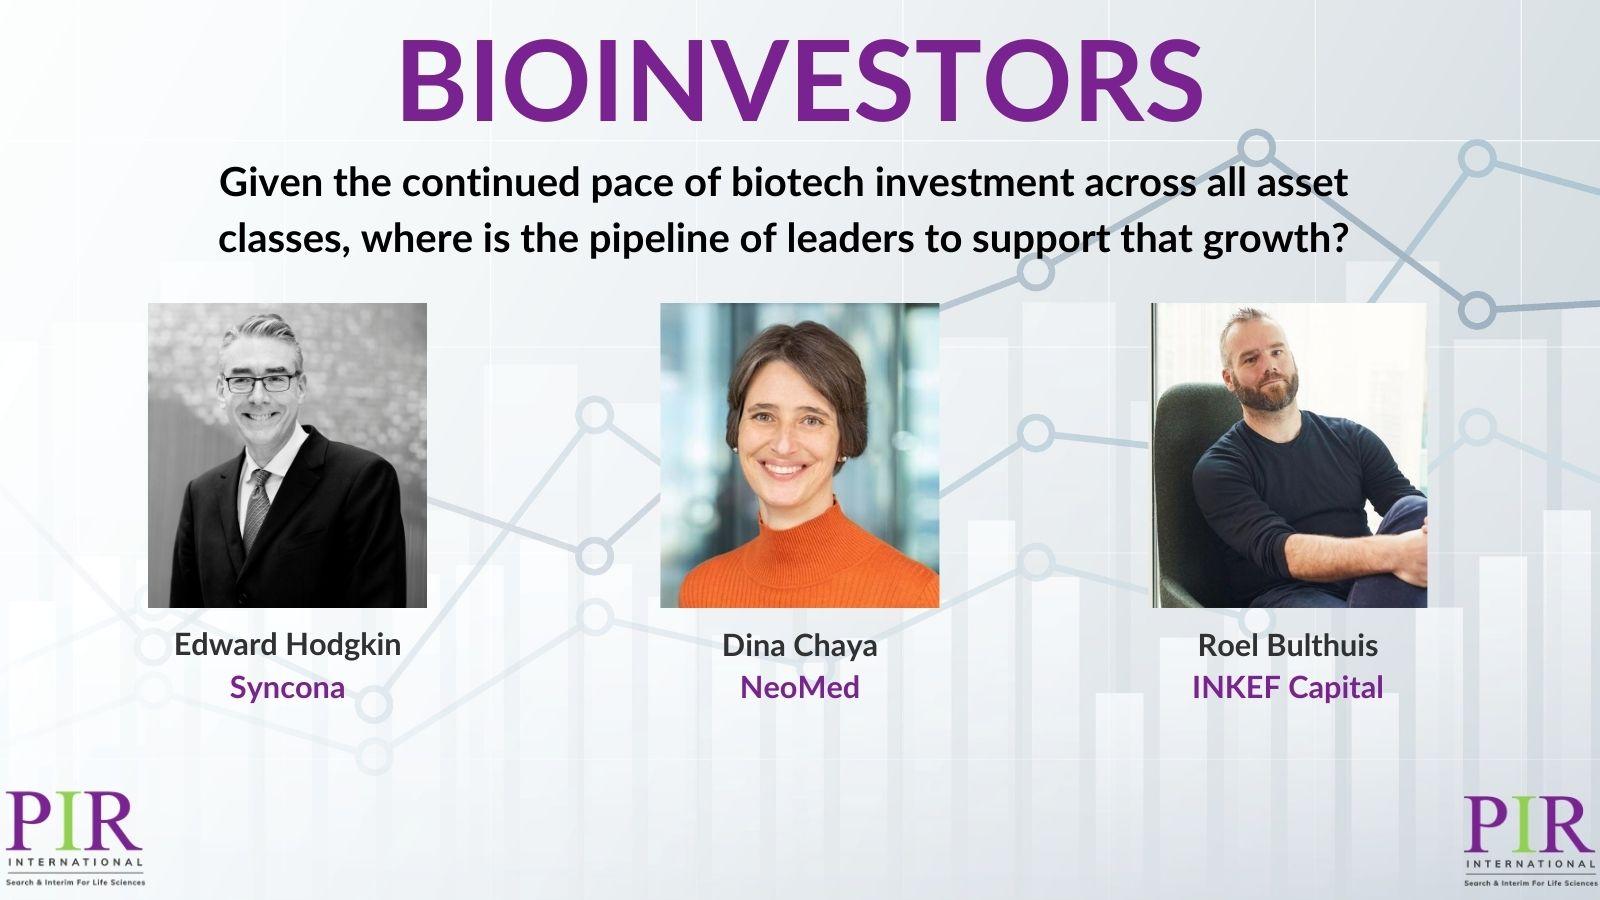 BioInvestors Q2 Part 3